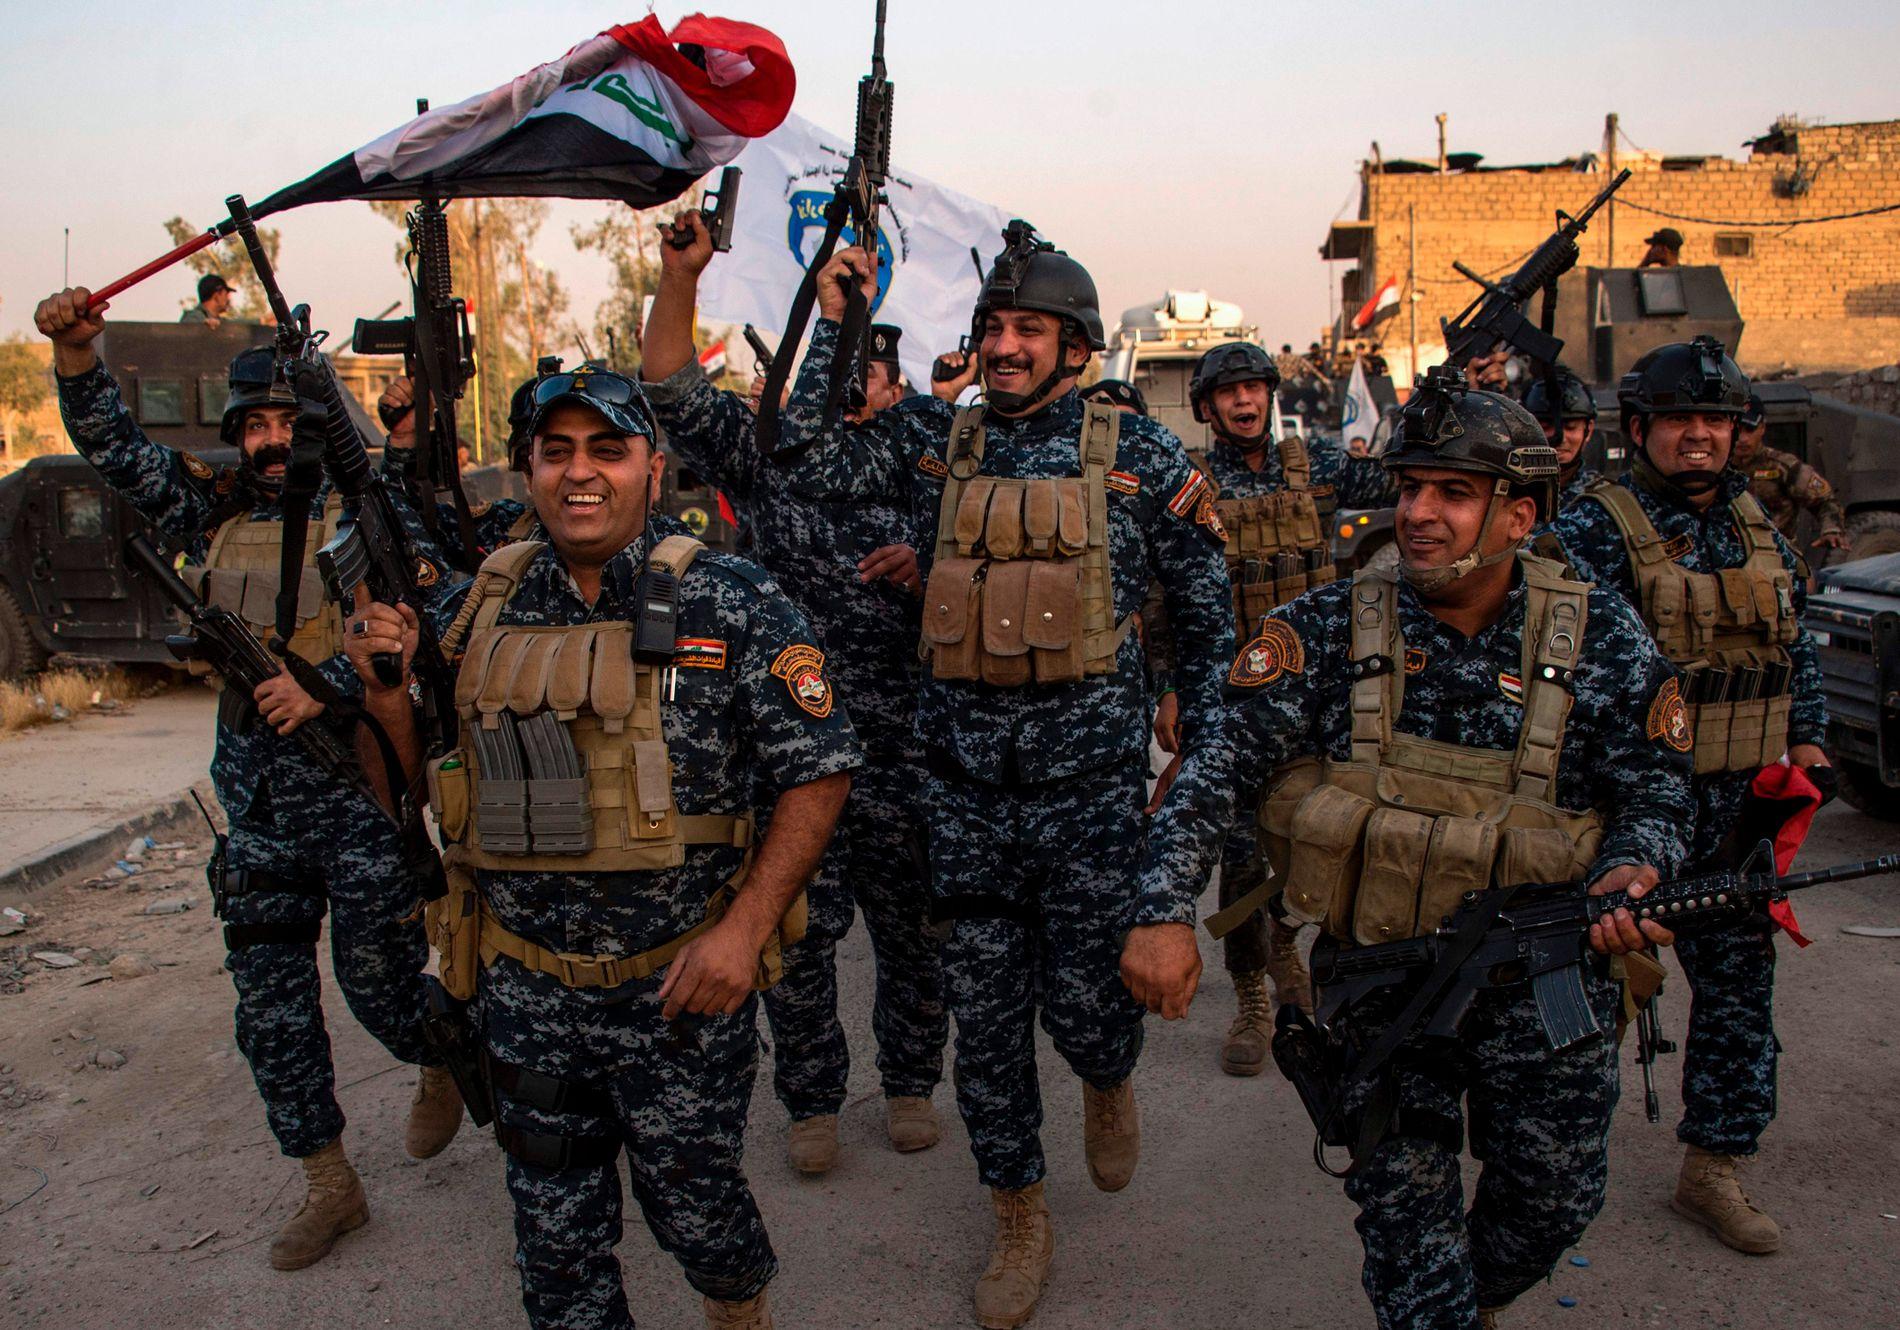 BITTERSØT SEIER: Medlemmer av det føderale politiet i Irak feirer i gamlebyen i Mosul 10. juli etter seieren over IS. Iraks statsminister Haider al-Abadi sa at irakiske styrker har «frigjort» byen, men soldater anklages nå for krigsforbrytelser. Menneskene på bildet kan ikke knyttes til krigsforbrytelser.